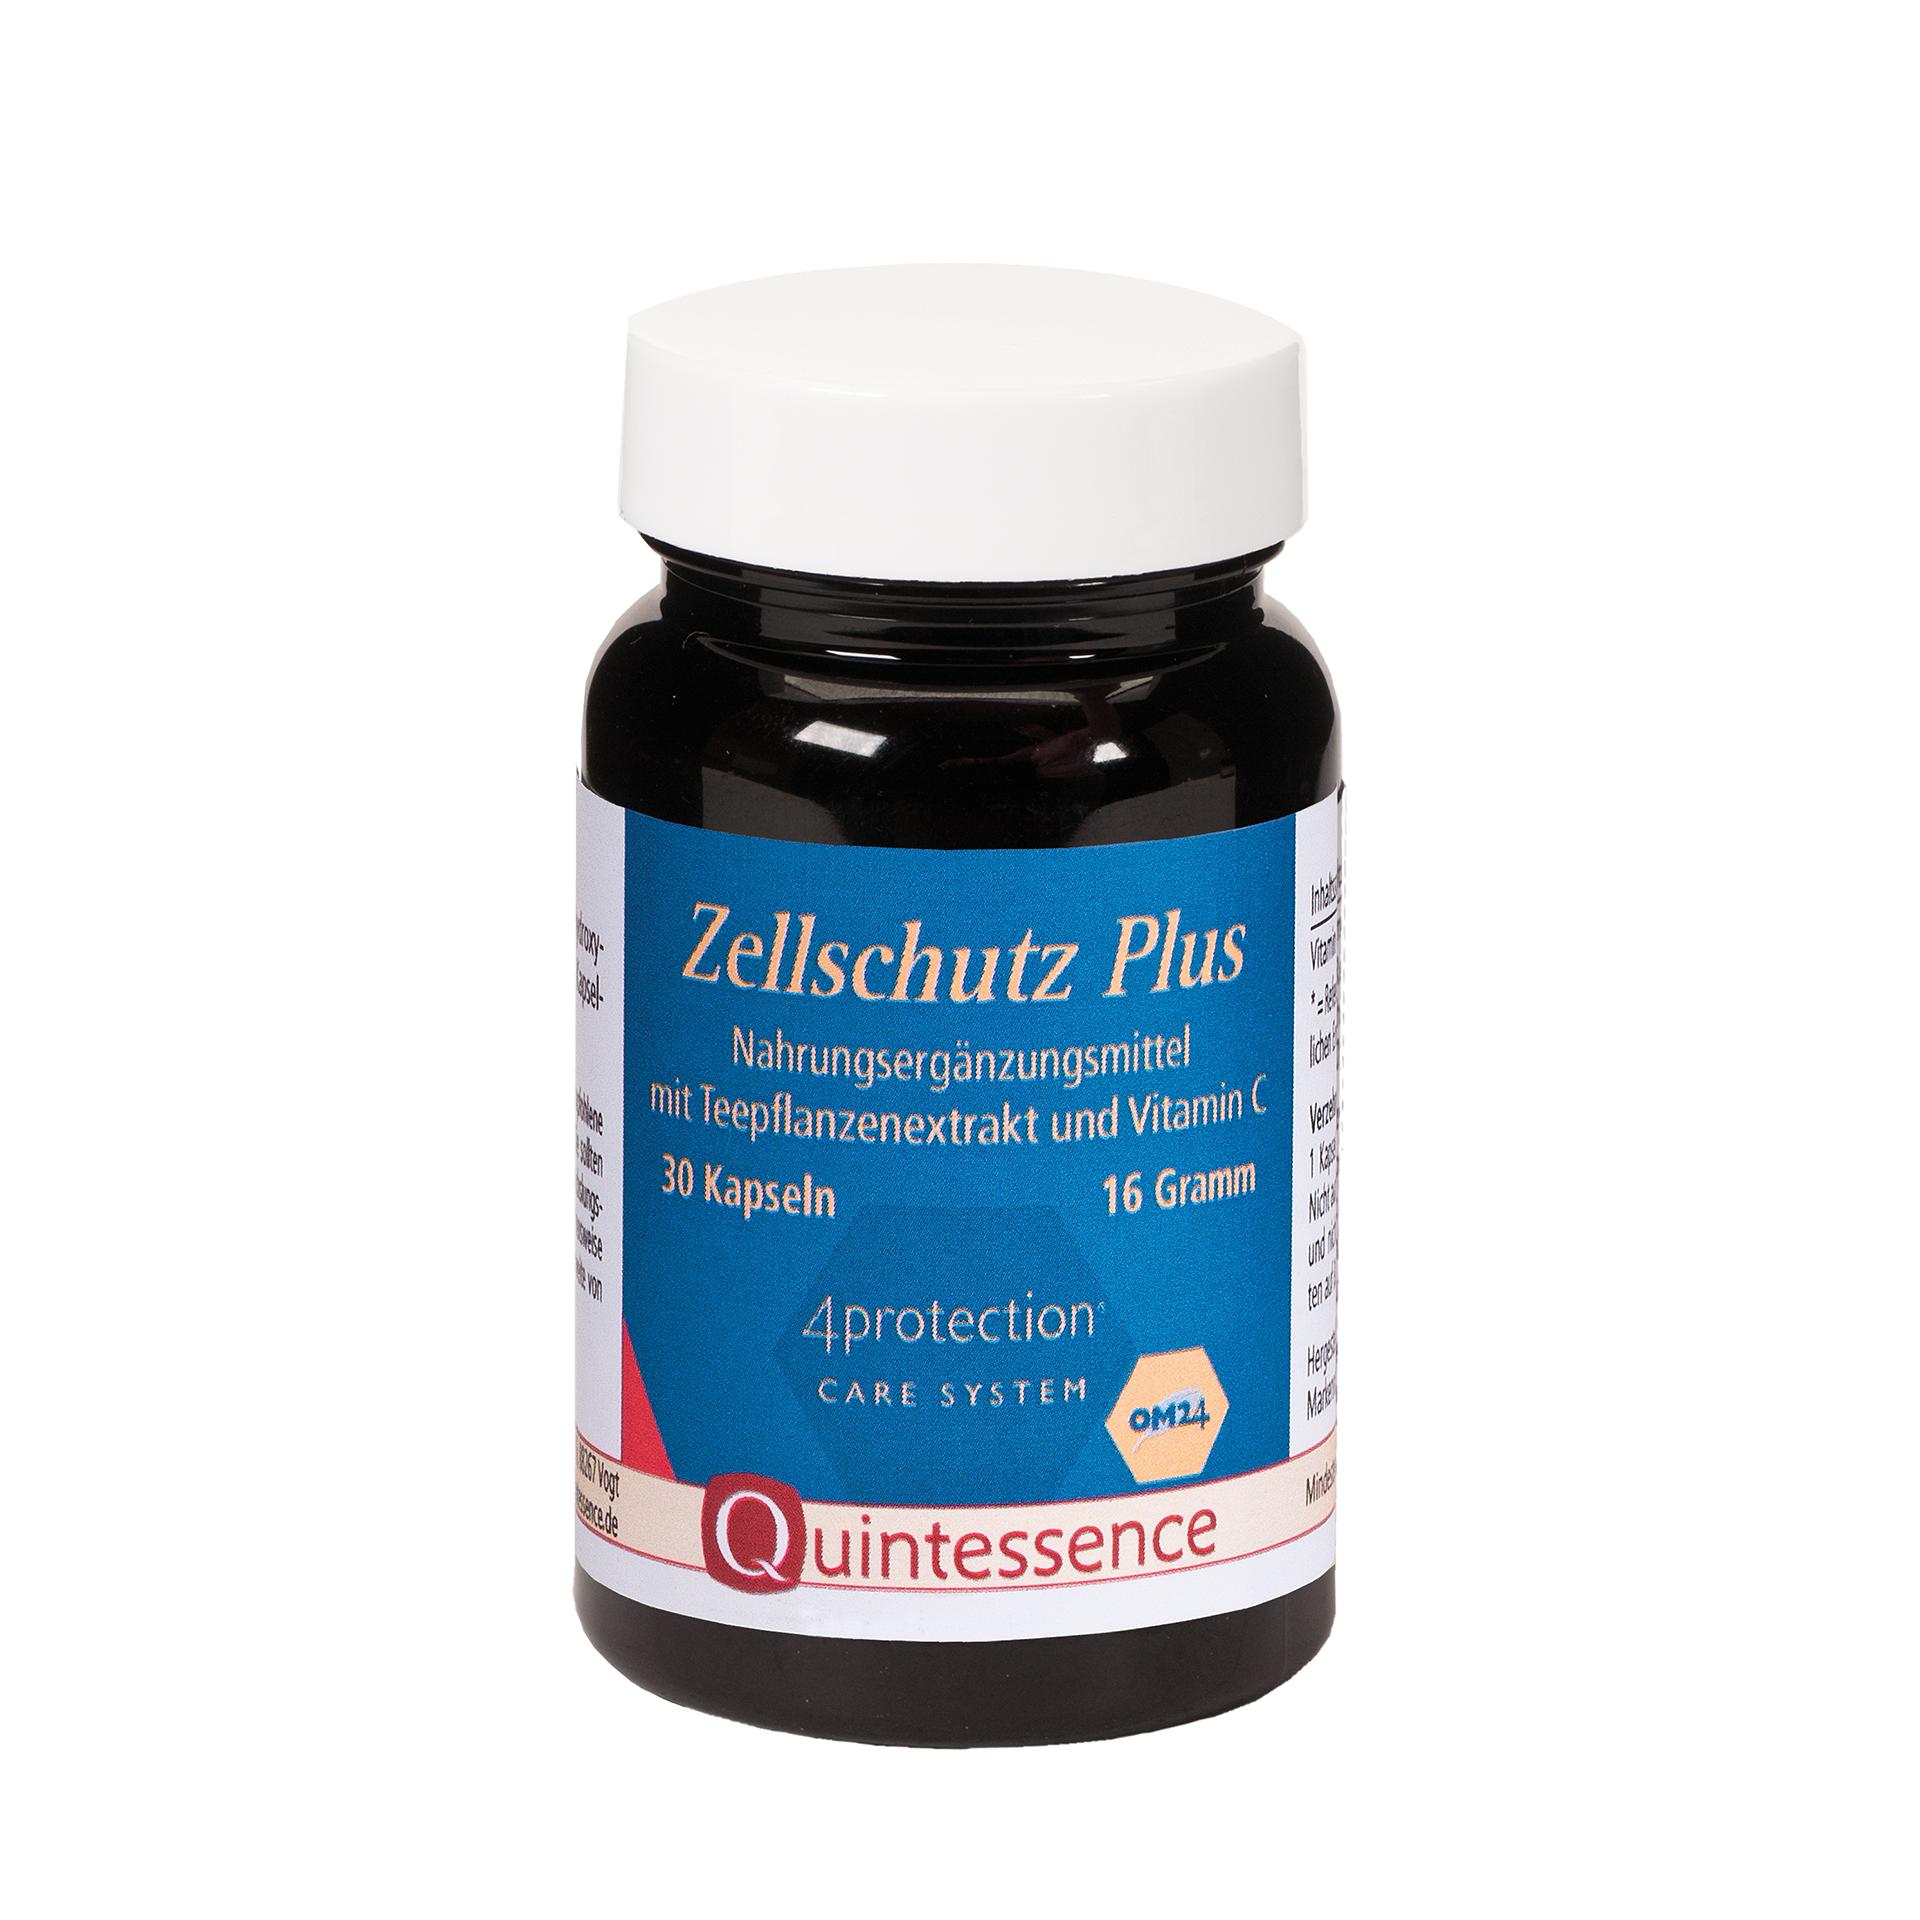 Zellschutz Plus, 30 Kapseln